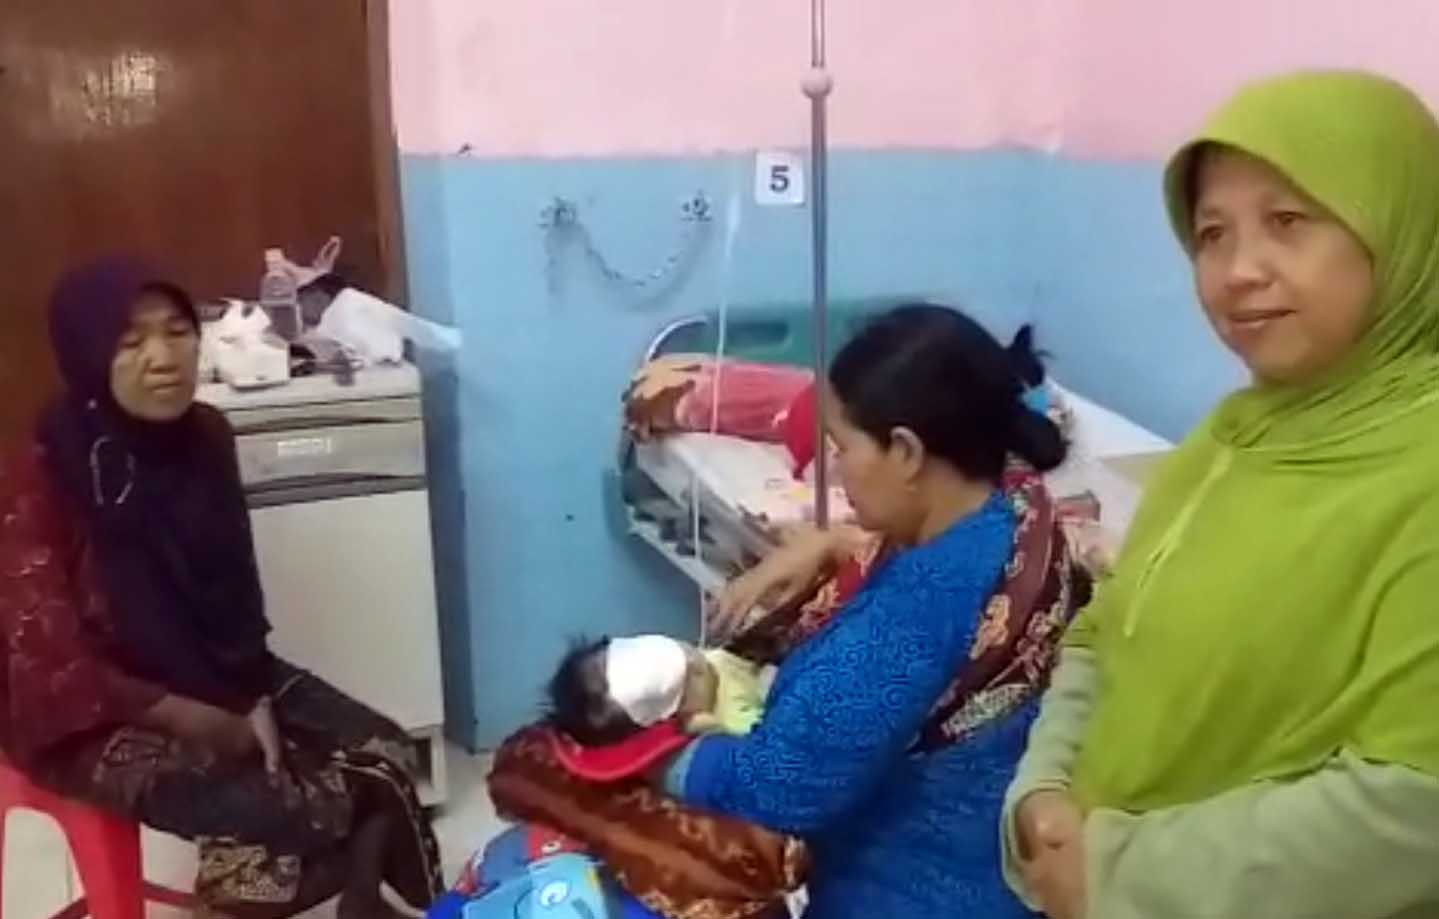 Kera Liar Serang Bayi di Probolinggo